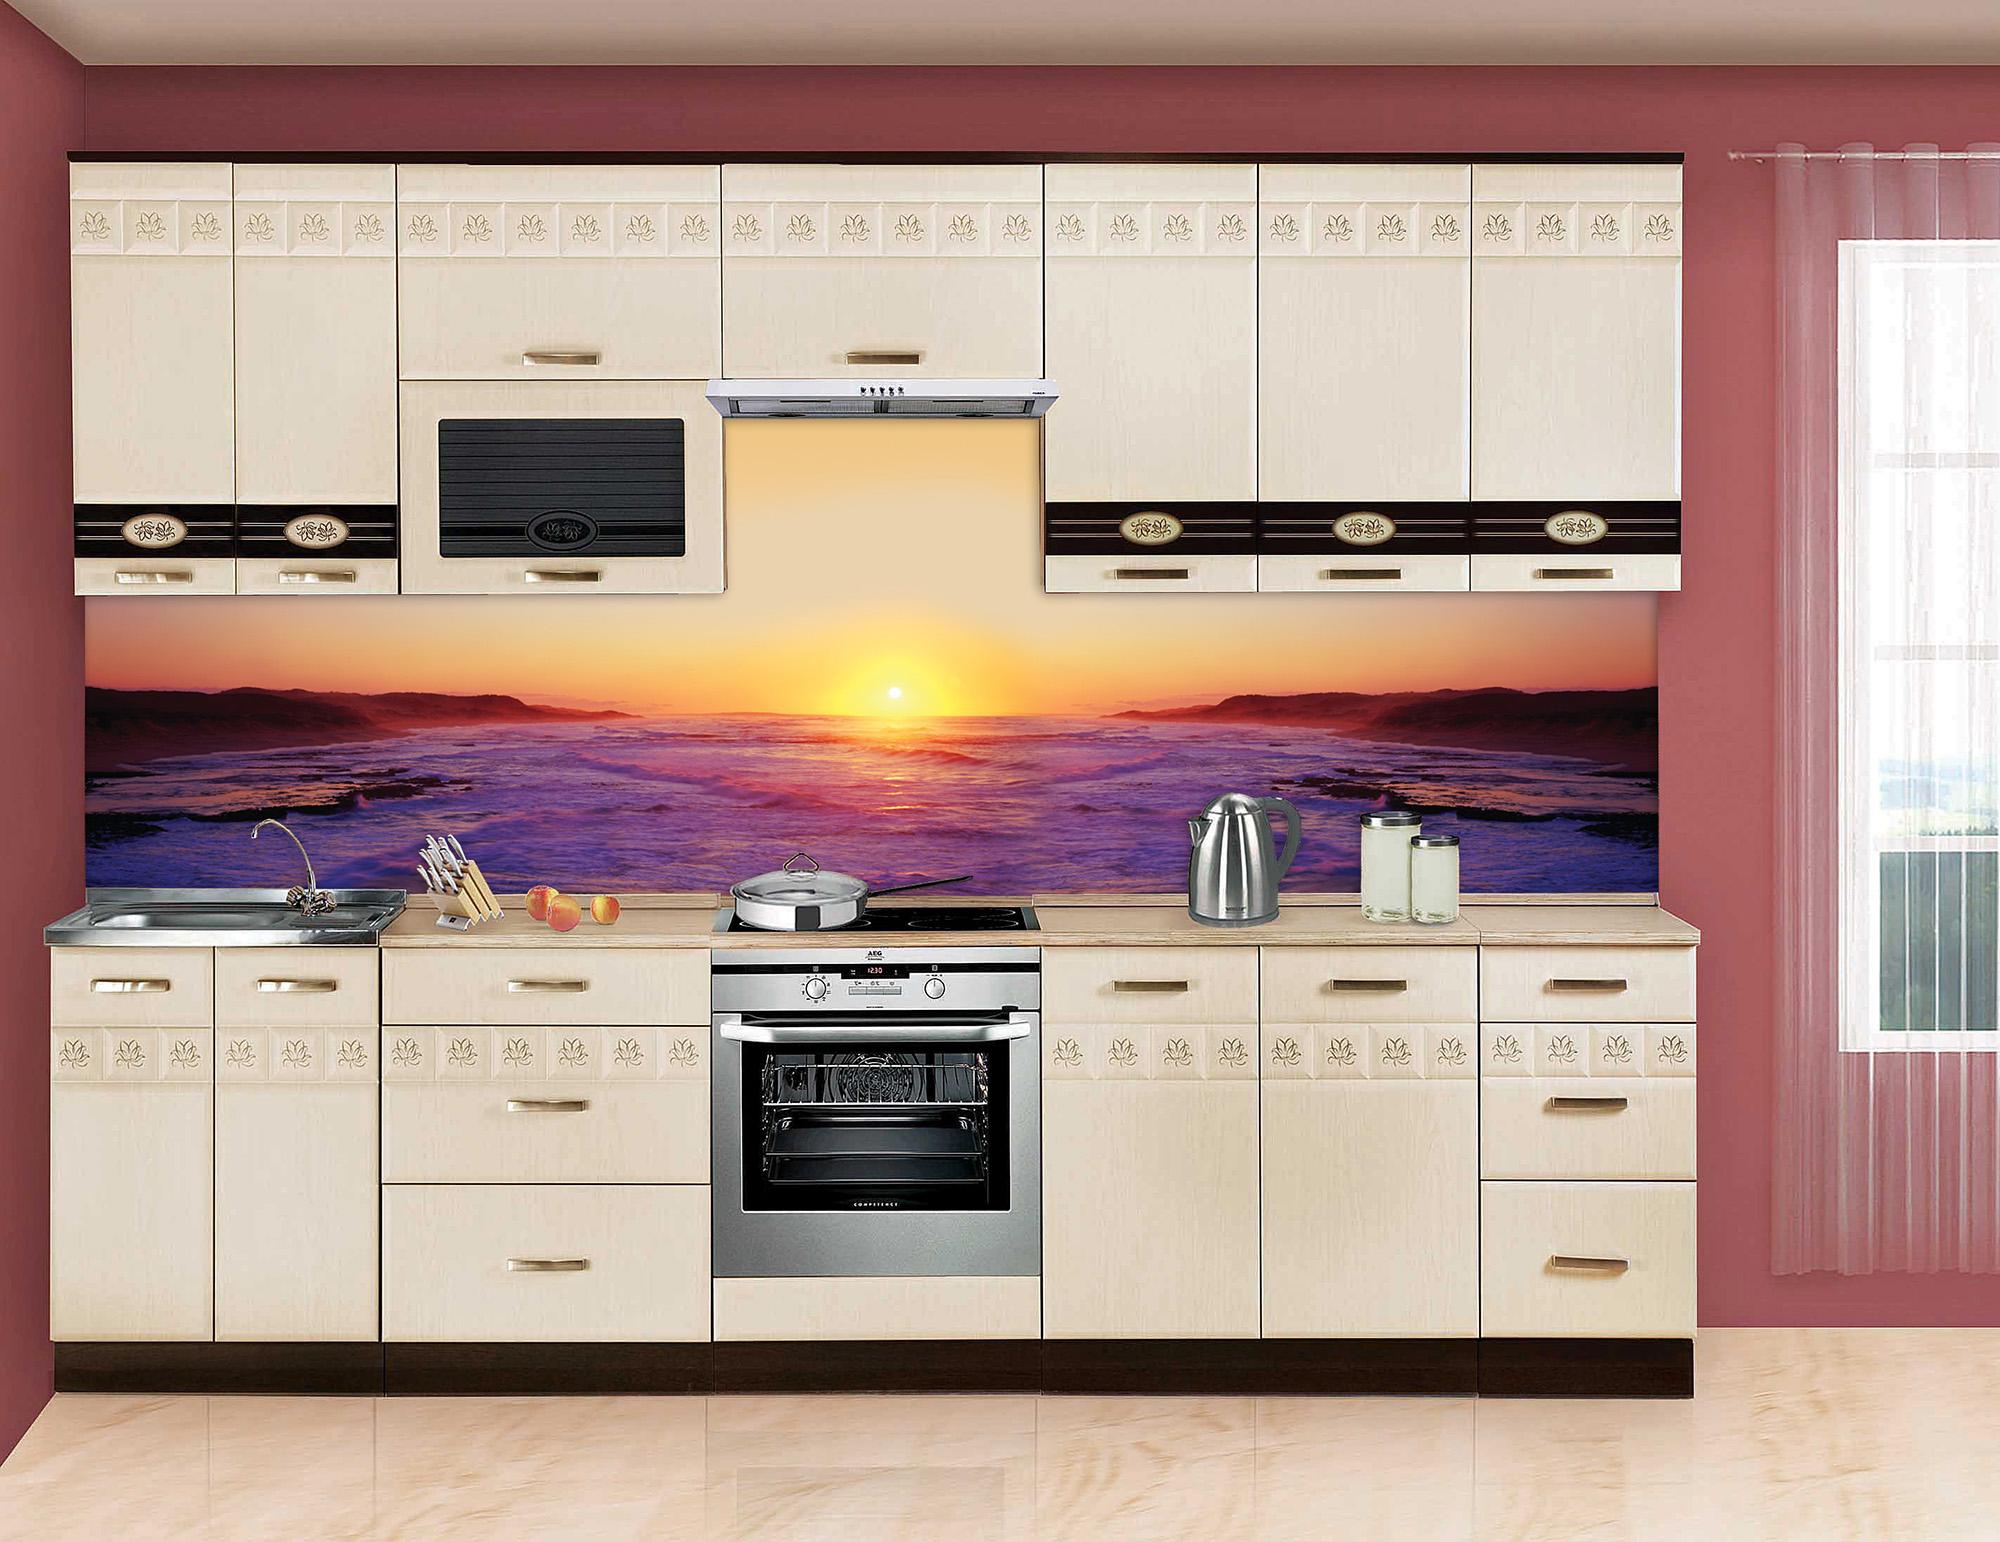 Кухонный стеклянный фартук с изображением океана